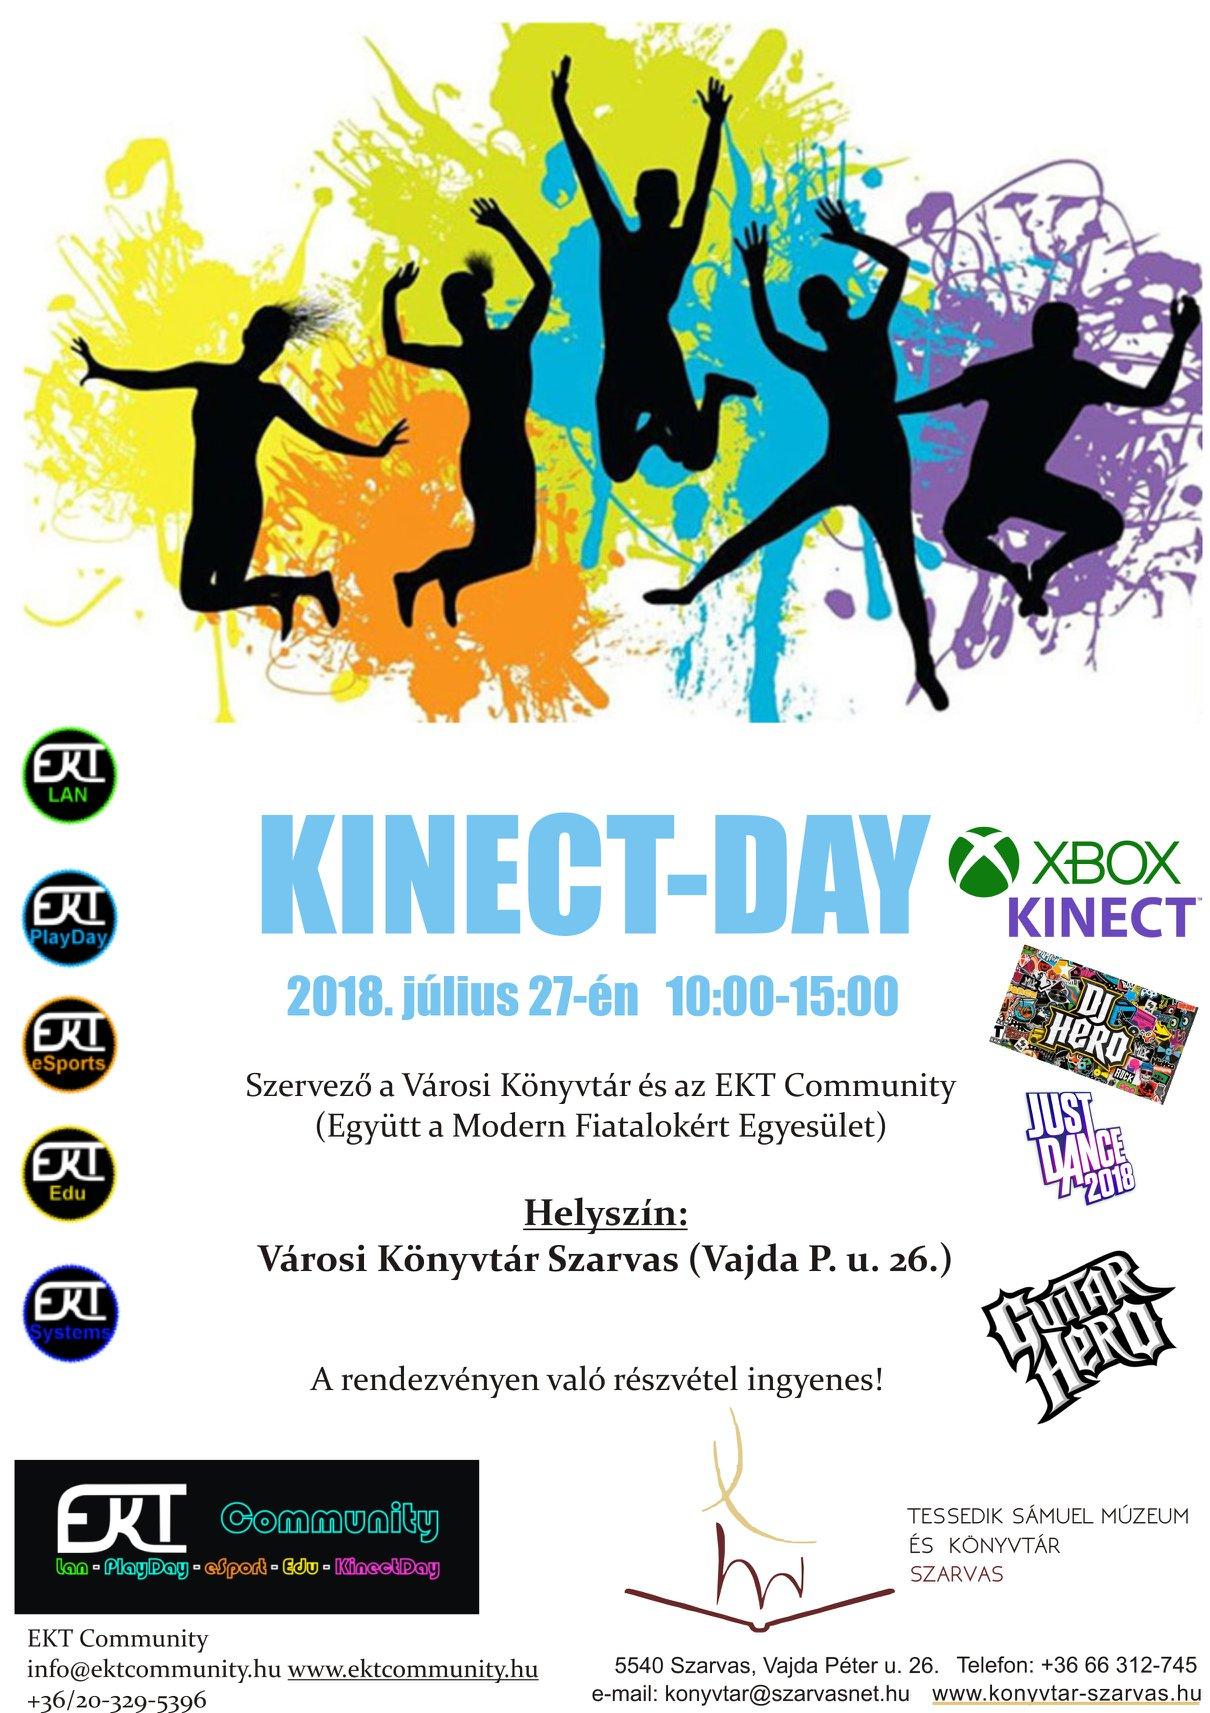 KinectDay Plakát